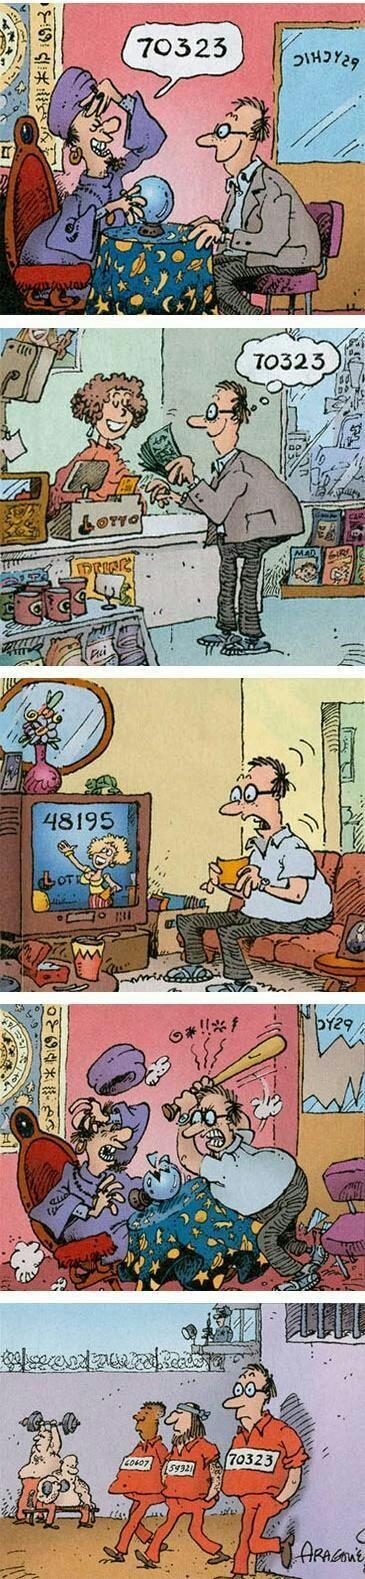 Funny 70323 Lottery Psychic Fail Cartoon